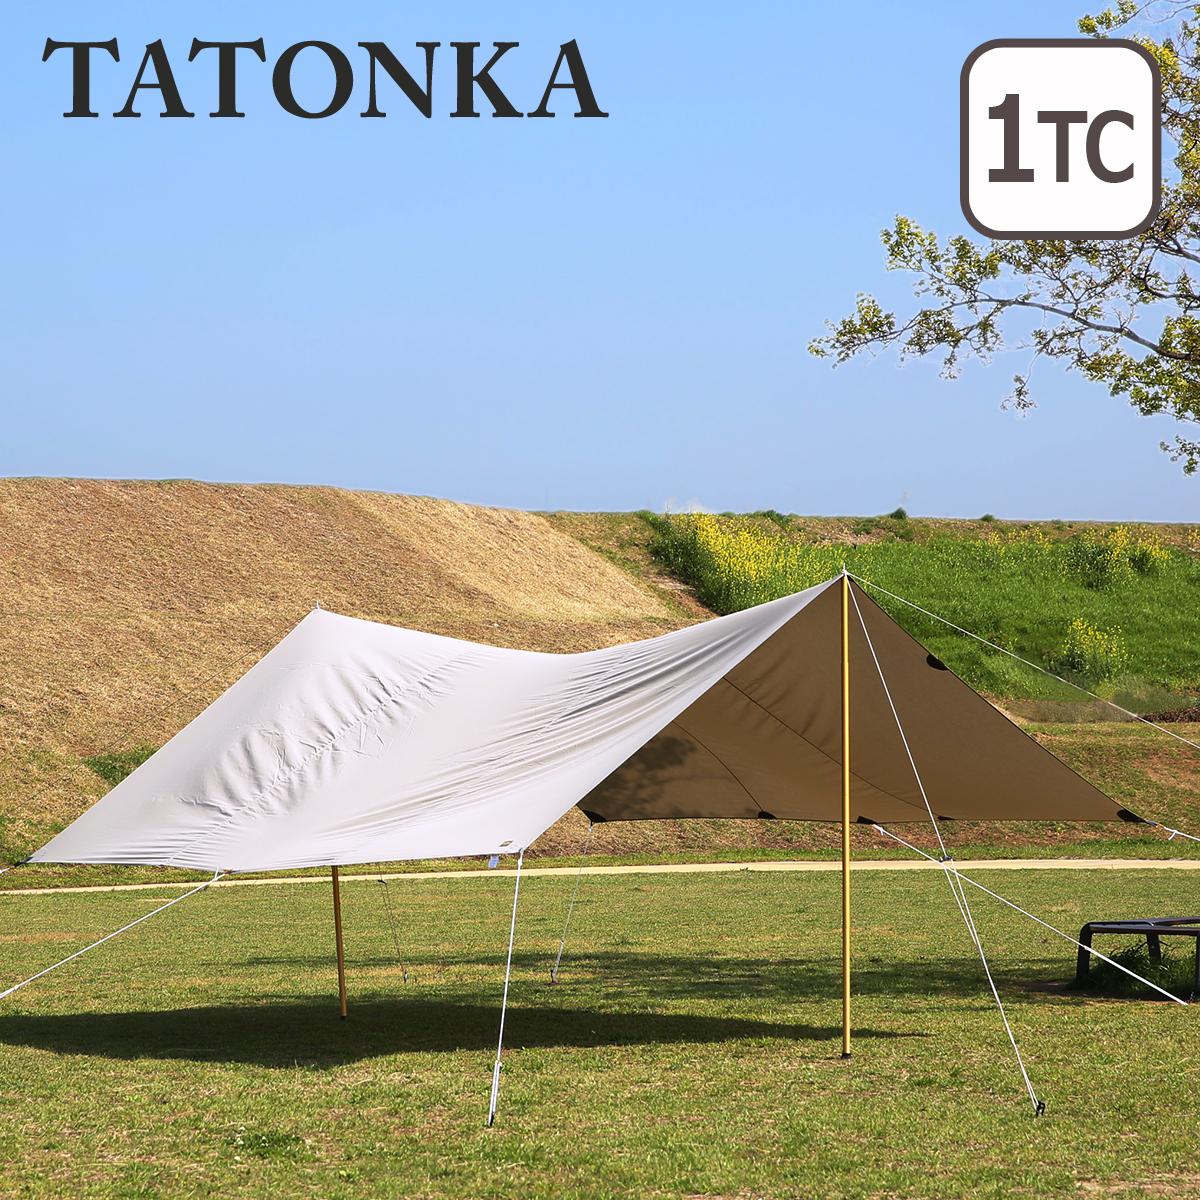 2021モデル ポリコットン製タープ キャンプやアウトドア 防水 遮光 日常使いにも 並行輸入品 信託 タトンカ タープ Tarp サンドベージュ 425×445cm 限定モデル 2465-321 1 TC 新色 tat2465 Tatonka